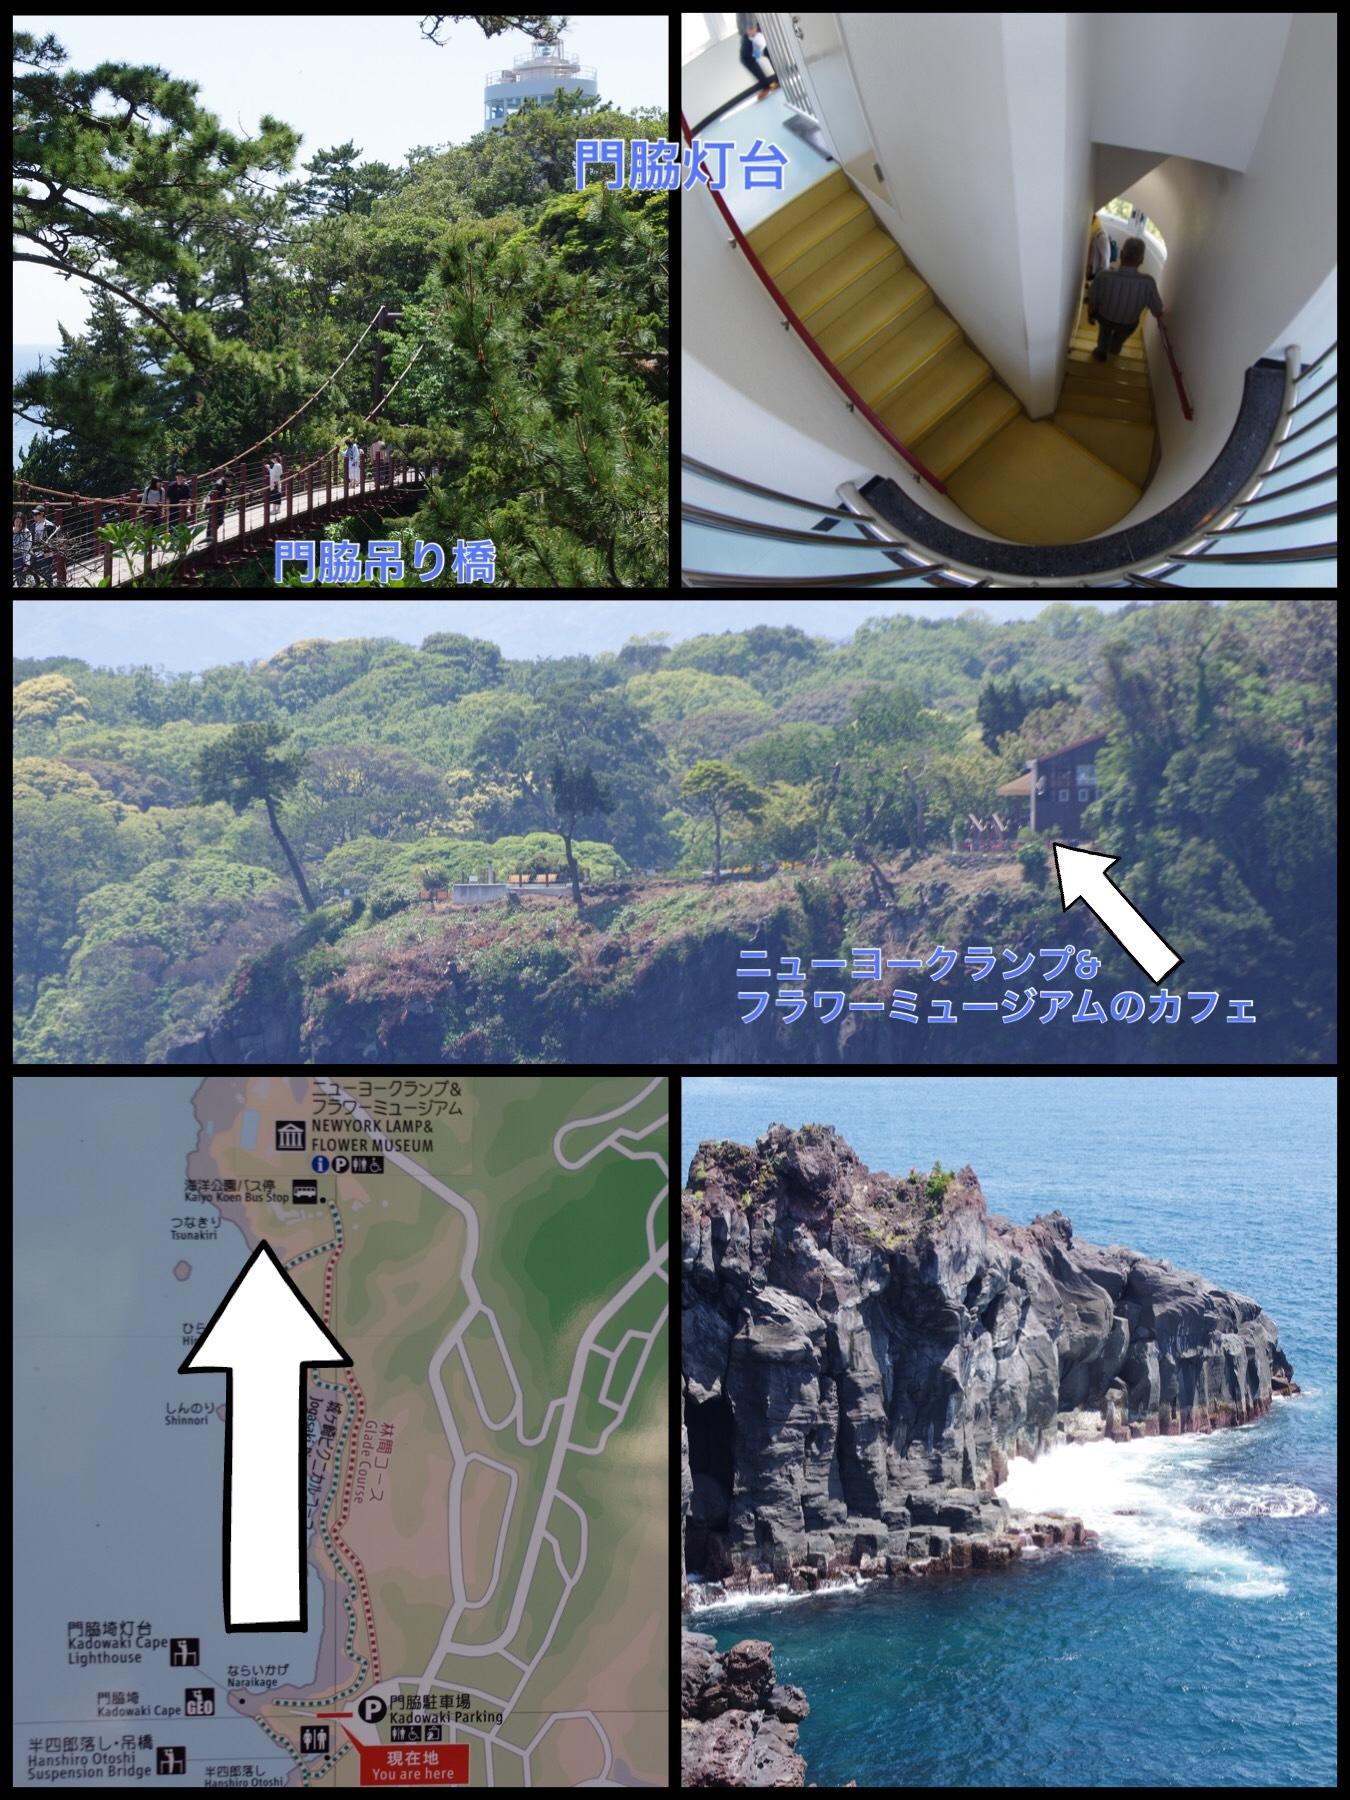 伊豆海洋公園 ニューヨークランプ&フラワーミュージアム 門脇吊り橋 灯台